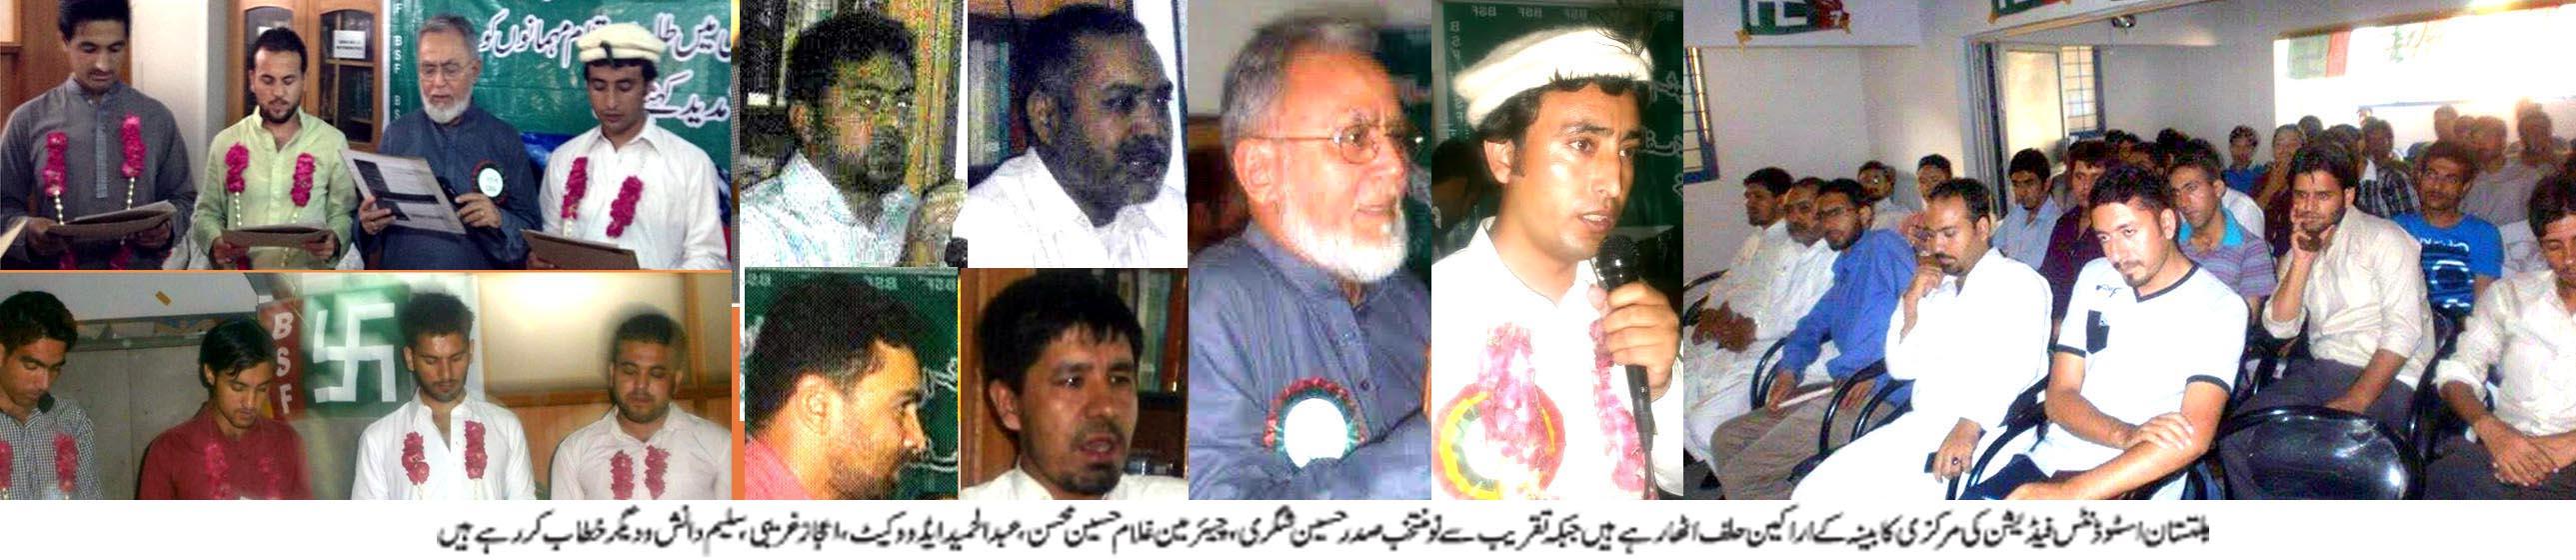 بلتستان سٹوڈنٹس فیڈریشن مرکزی کابینہ کی تیسویں سالانہ تقریب حلف برداری کراچی میں منعقد ہوئی